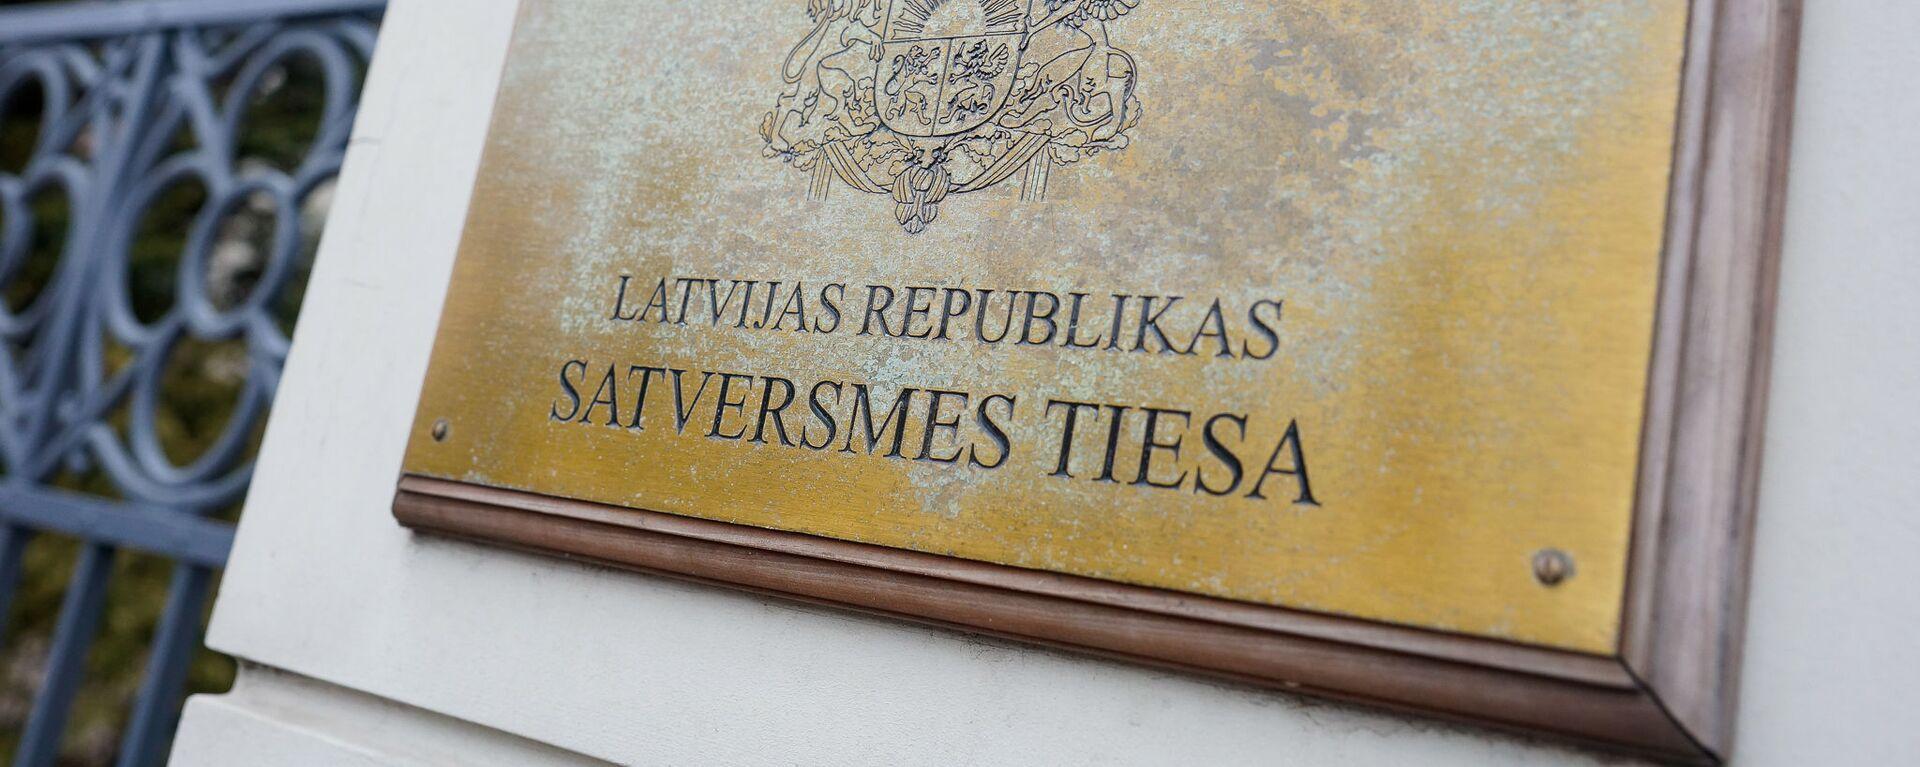 Конституционный суд Латвийской республики - Sputnik Латвия, 1920, 07.07.2021